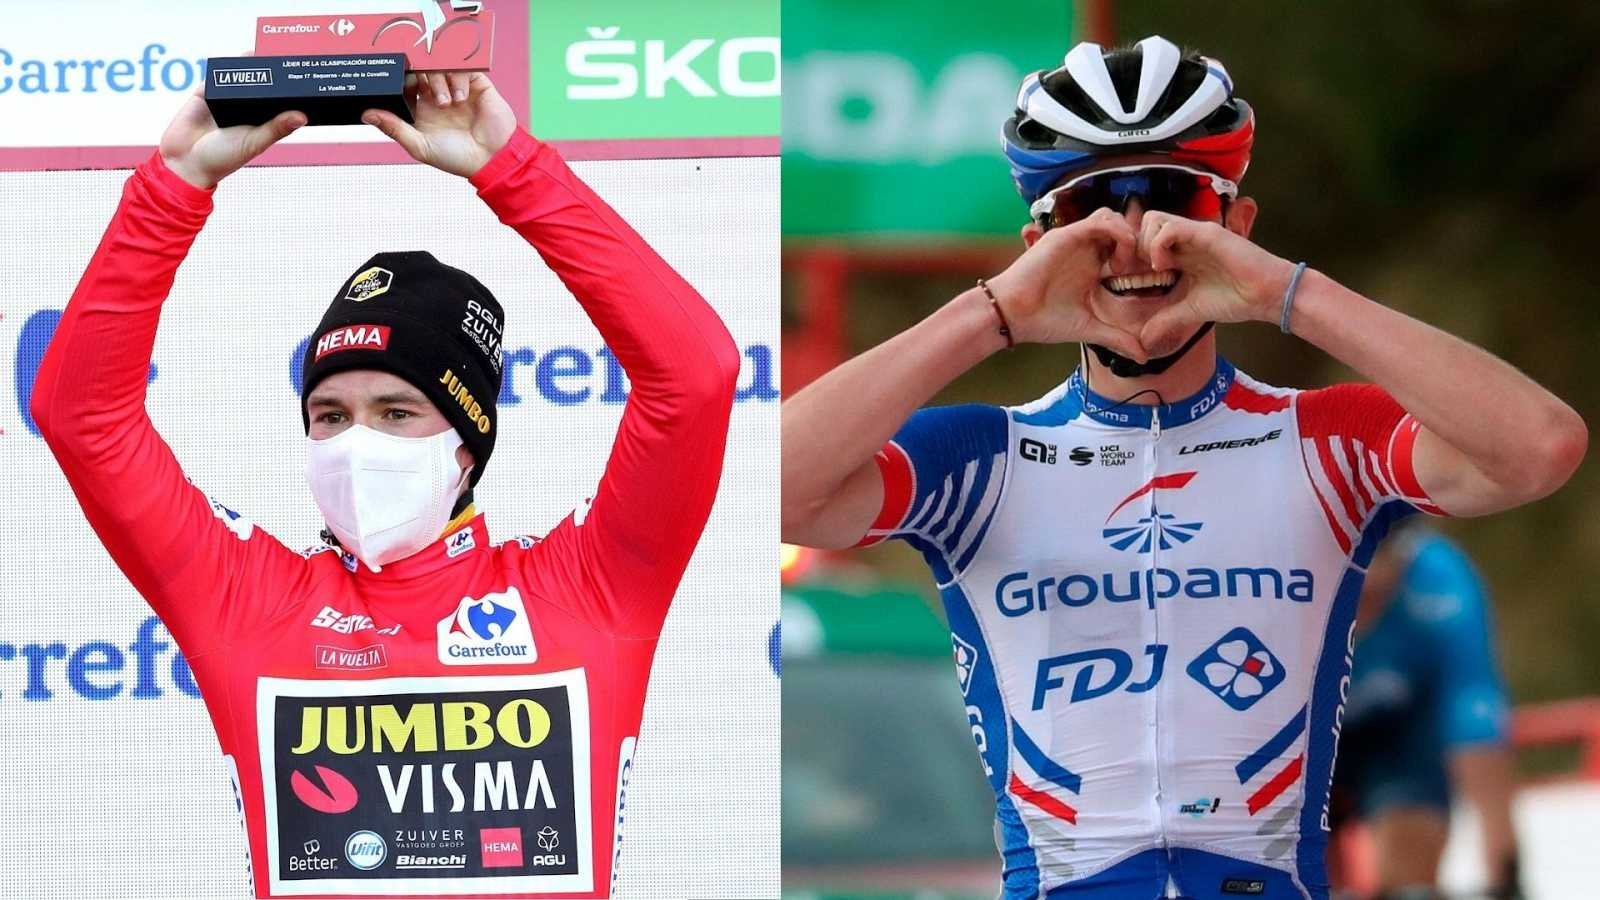 Vuelta ciclista a España - Gaudu gana la 17ª etapa y Roglic se lleva La Vuelta - Escuchar ahora